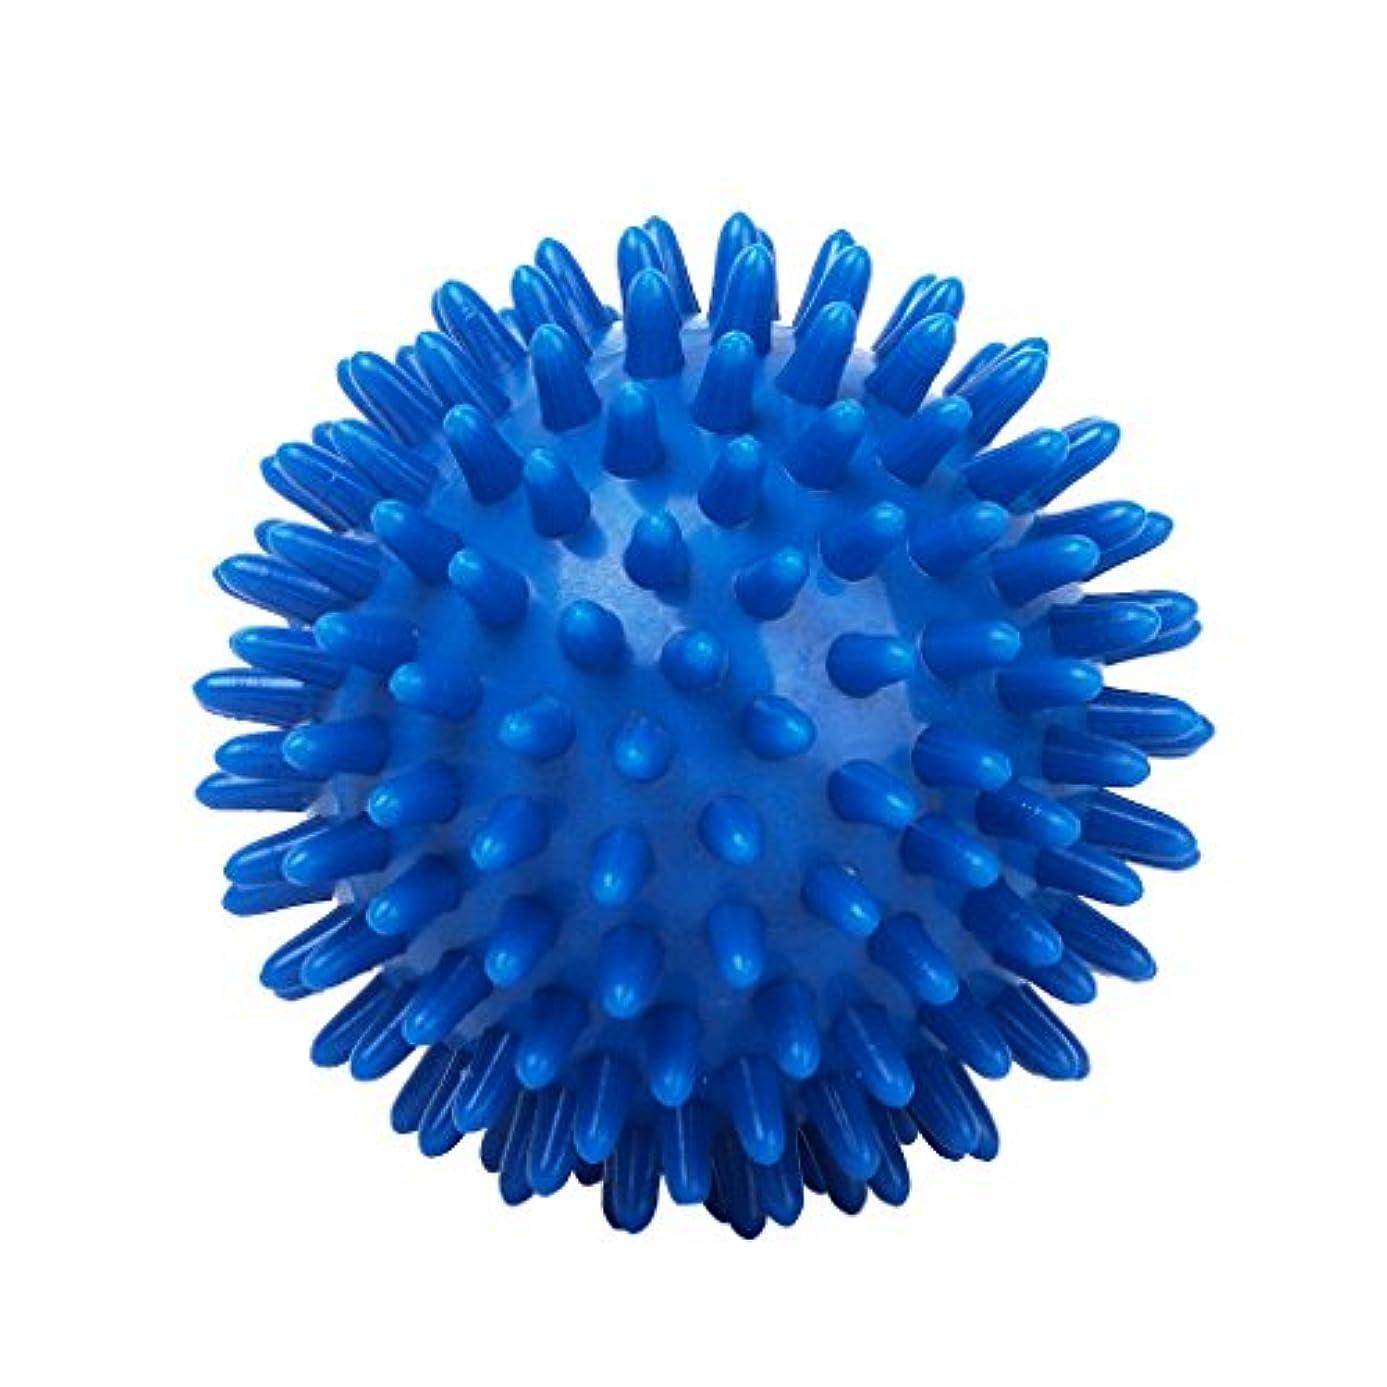 ポータル過度の消化Fenteer 便利 小型 マッサージボール 足用 筋肉対応 高品質 8cm マッサージ ボール PVC製 ブルー